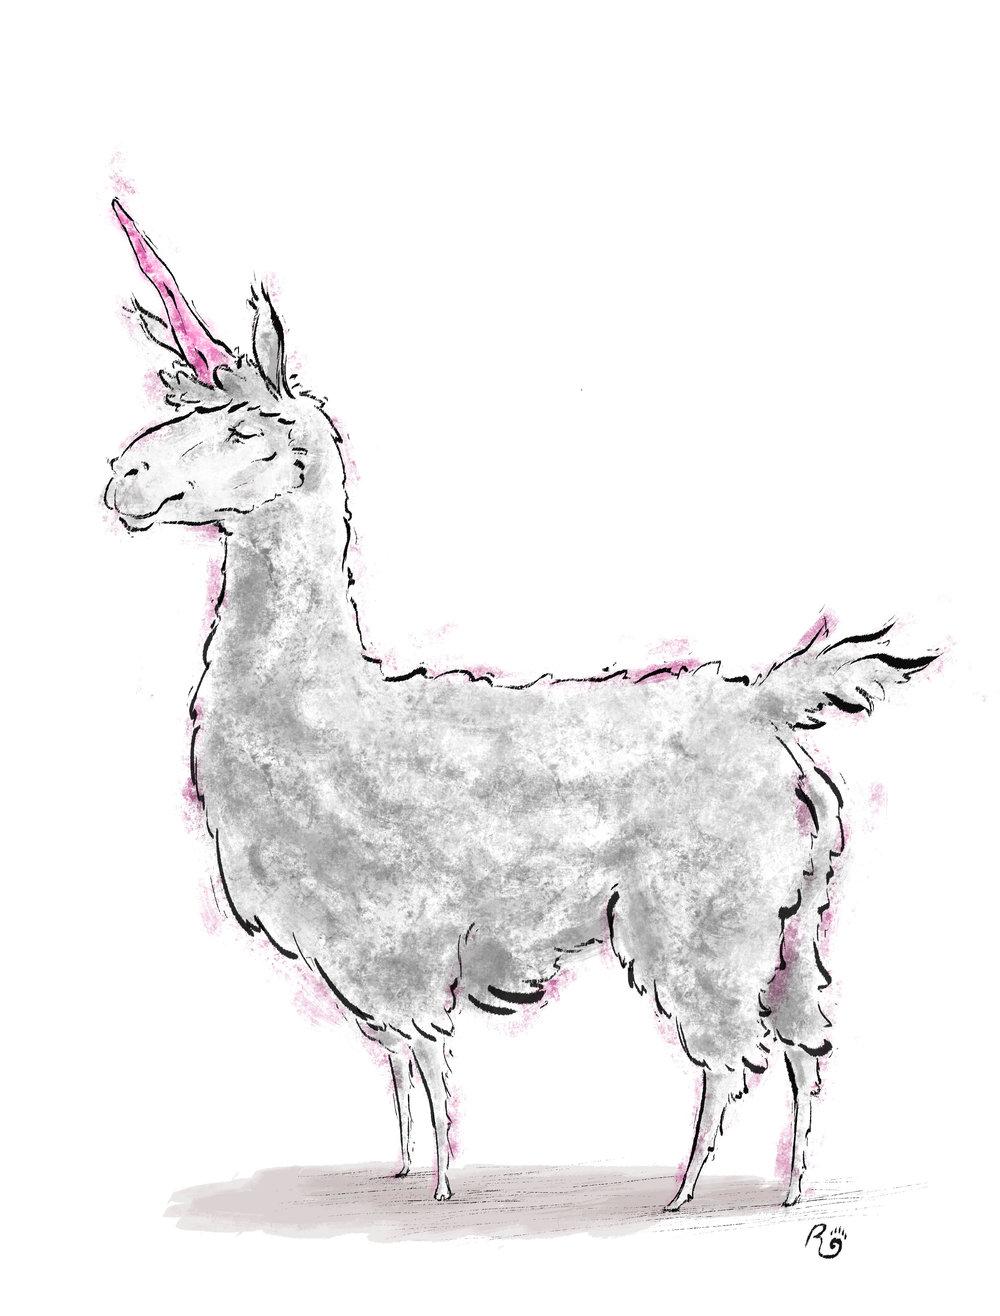 Uni-Horn Llama (2016) 15X11 Inches